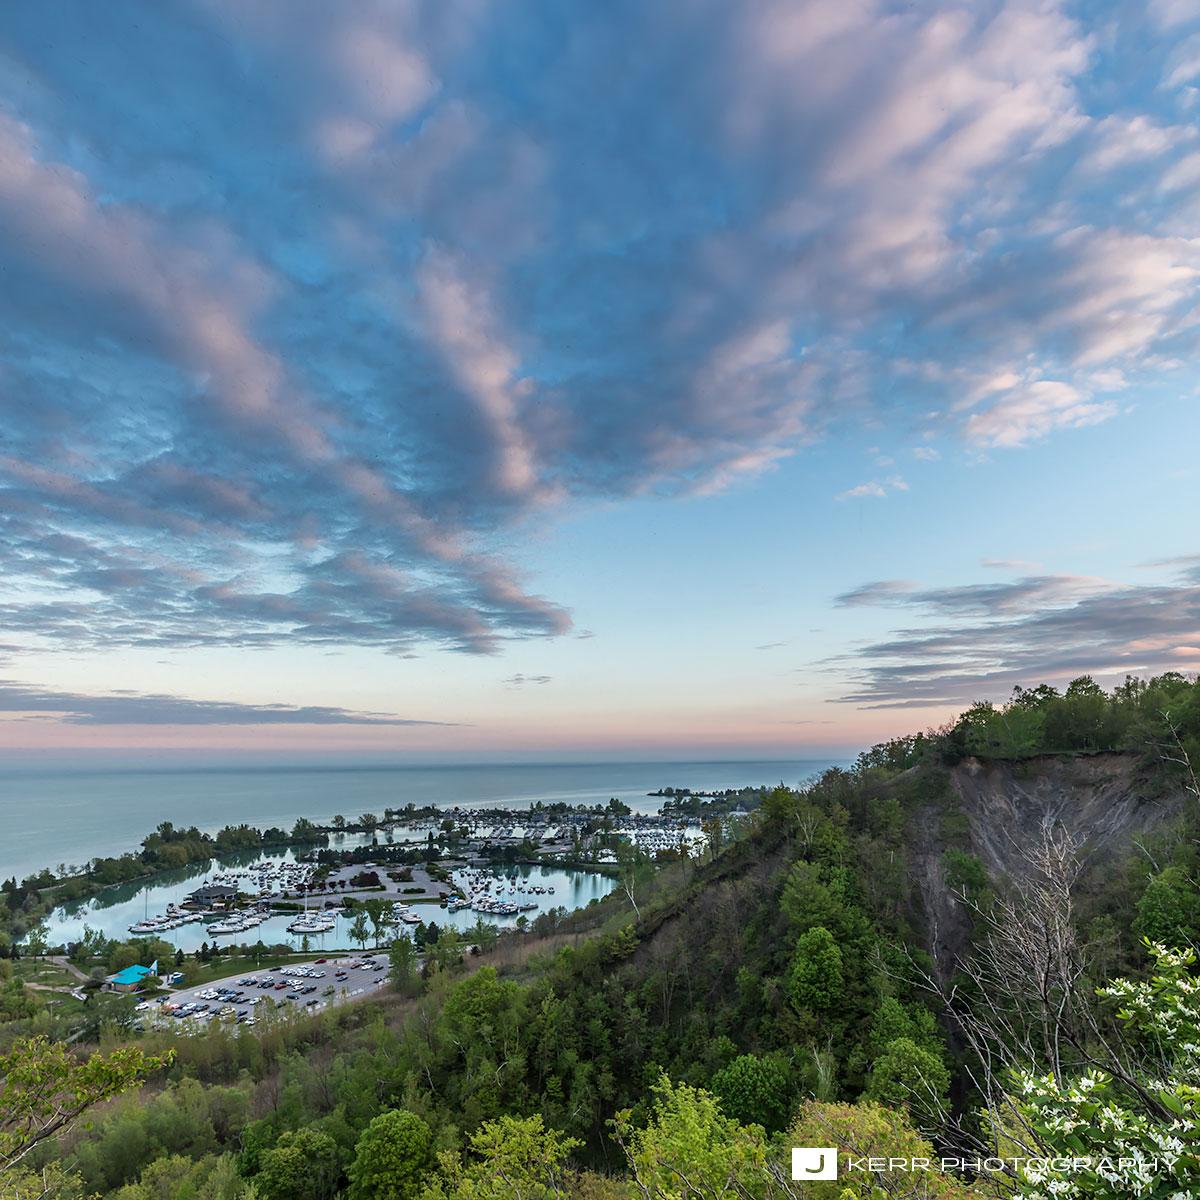 Southern Ontario Landscape Photos